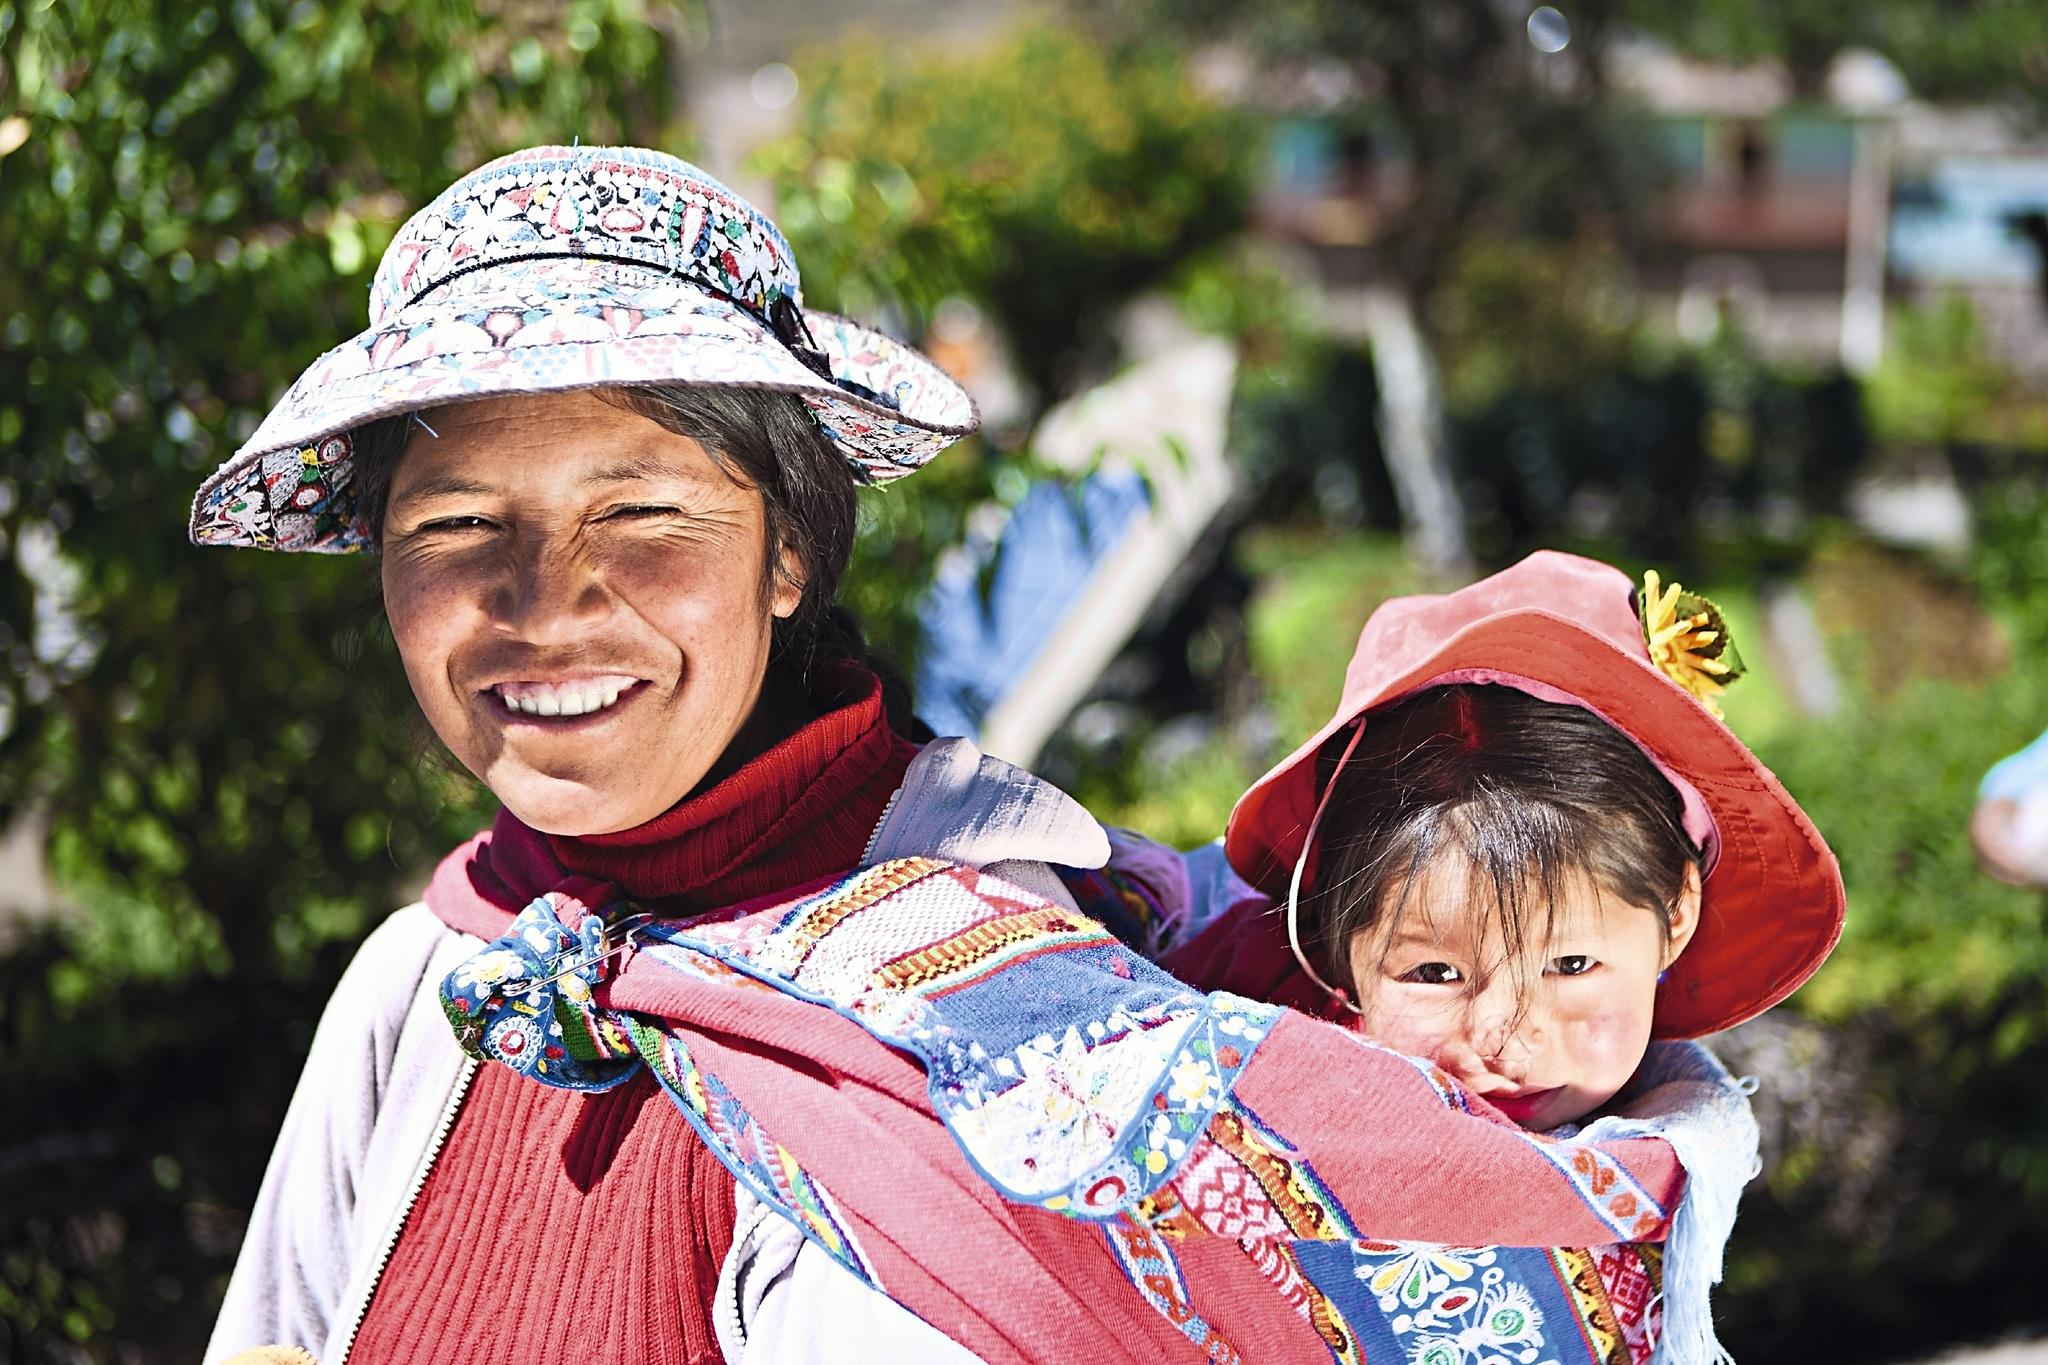 Peruanische Frau mit Kind